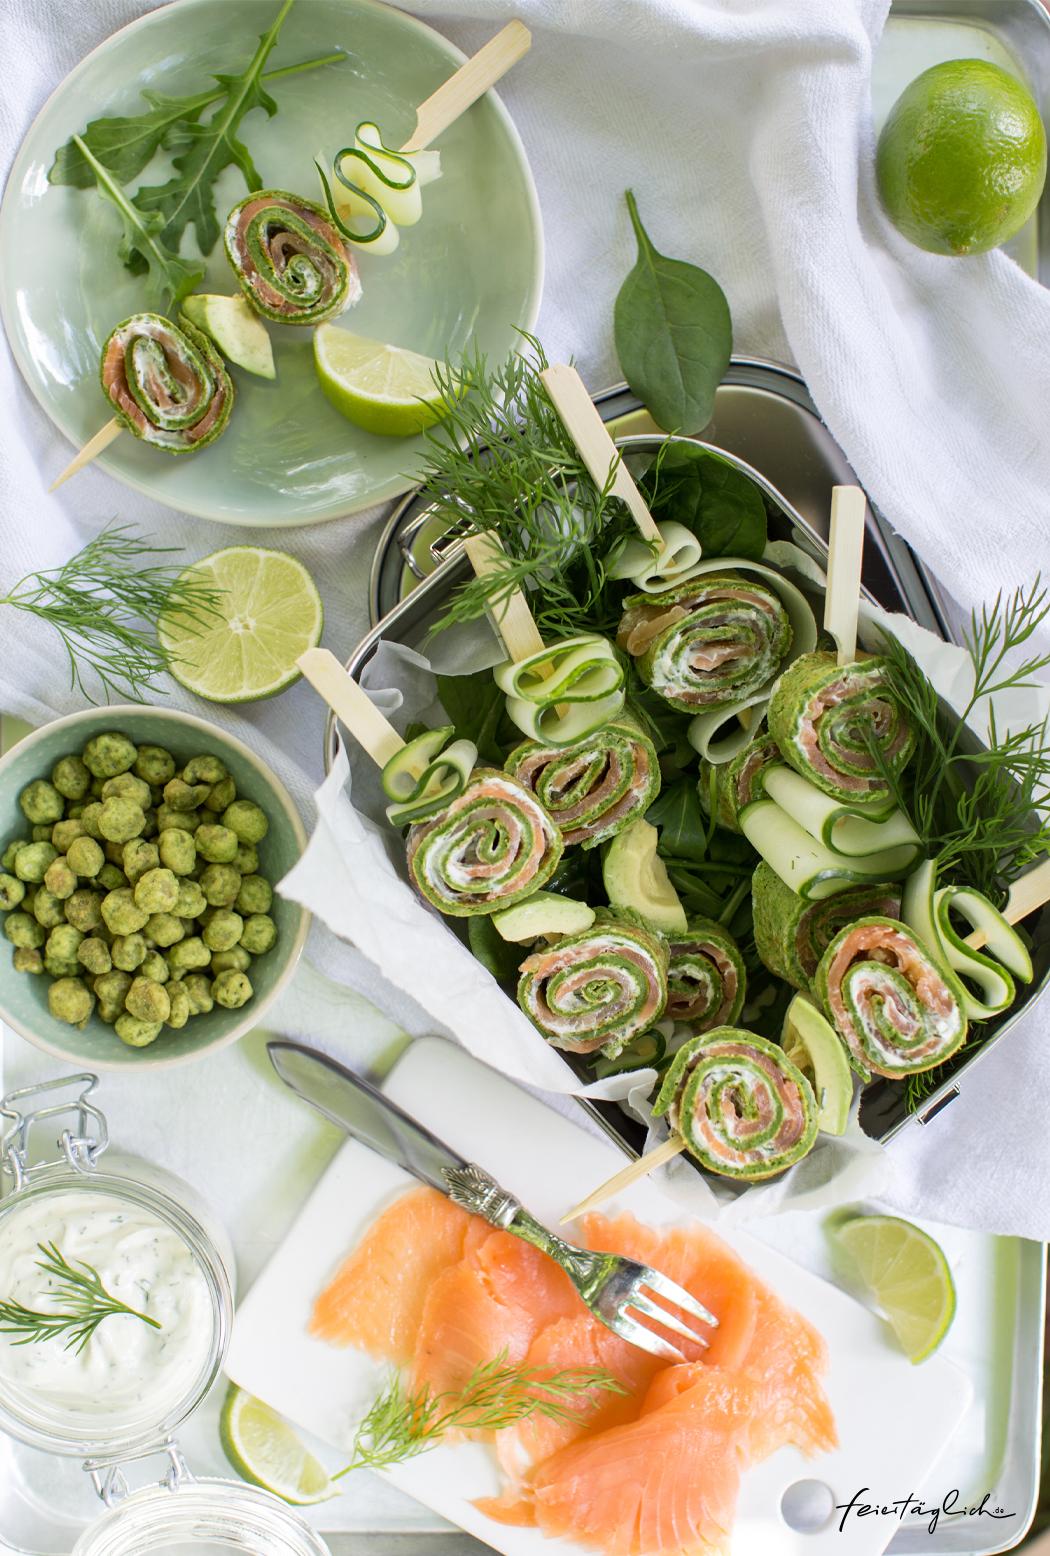 Picknickzeit: Rezept für Lachs-Spinat-Röllchen-Spieße mit Räucherlachs, Spinatpfannkuchen & Dillfrischkäsecreme gespießt mit Gurke und Avocado